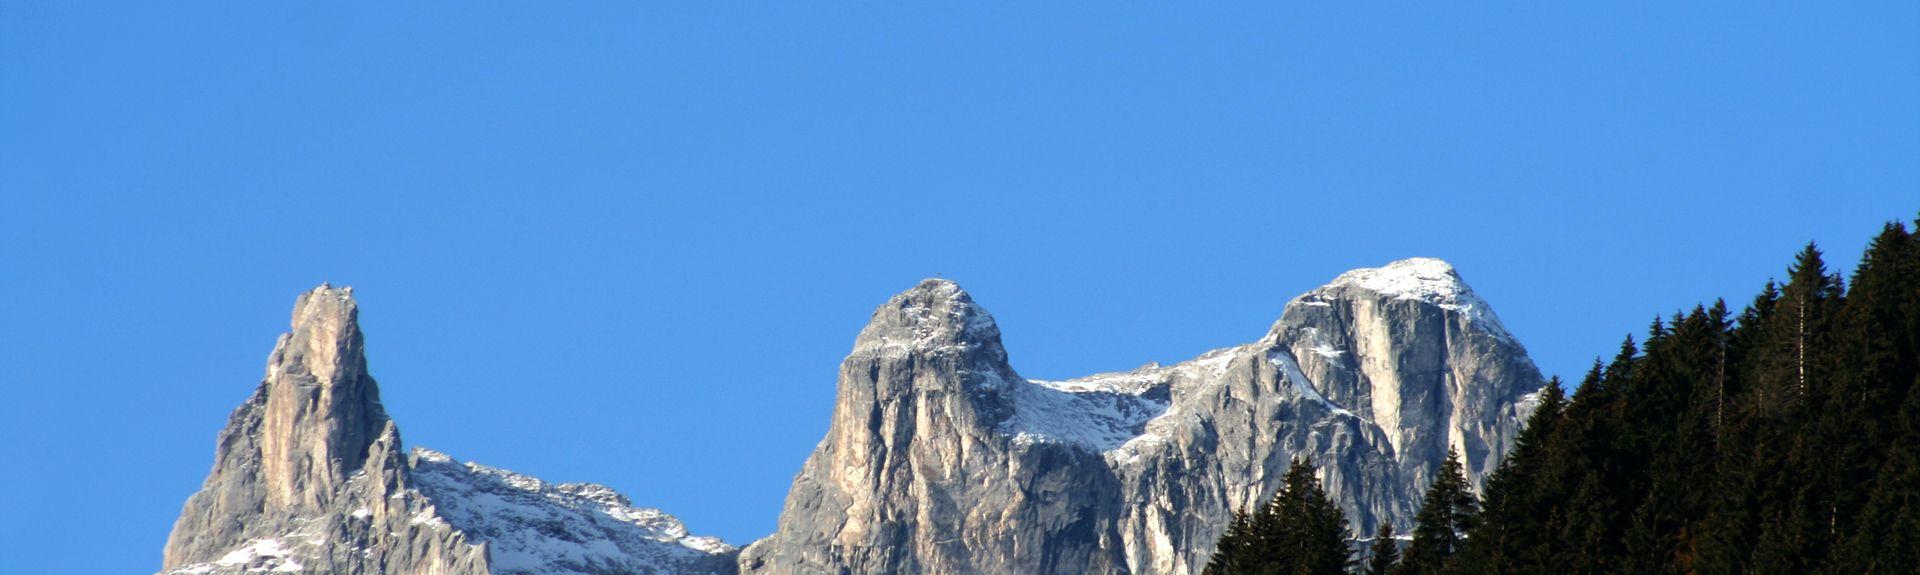 Bartholomäberg, Vorarlberg, Austria